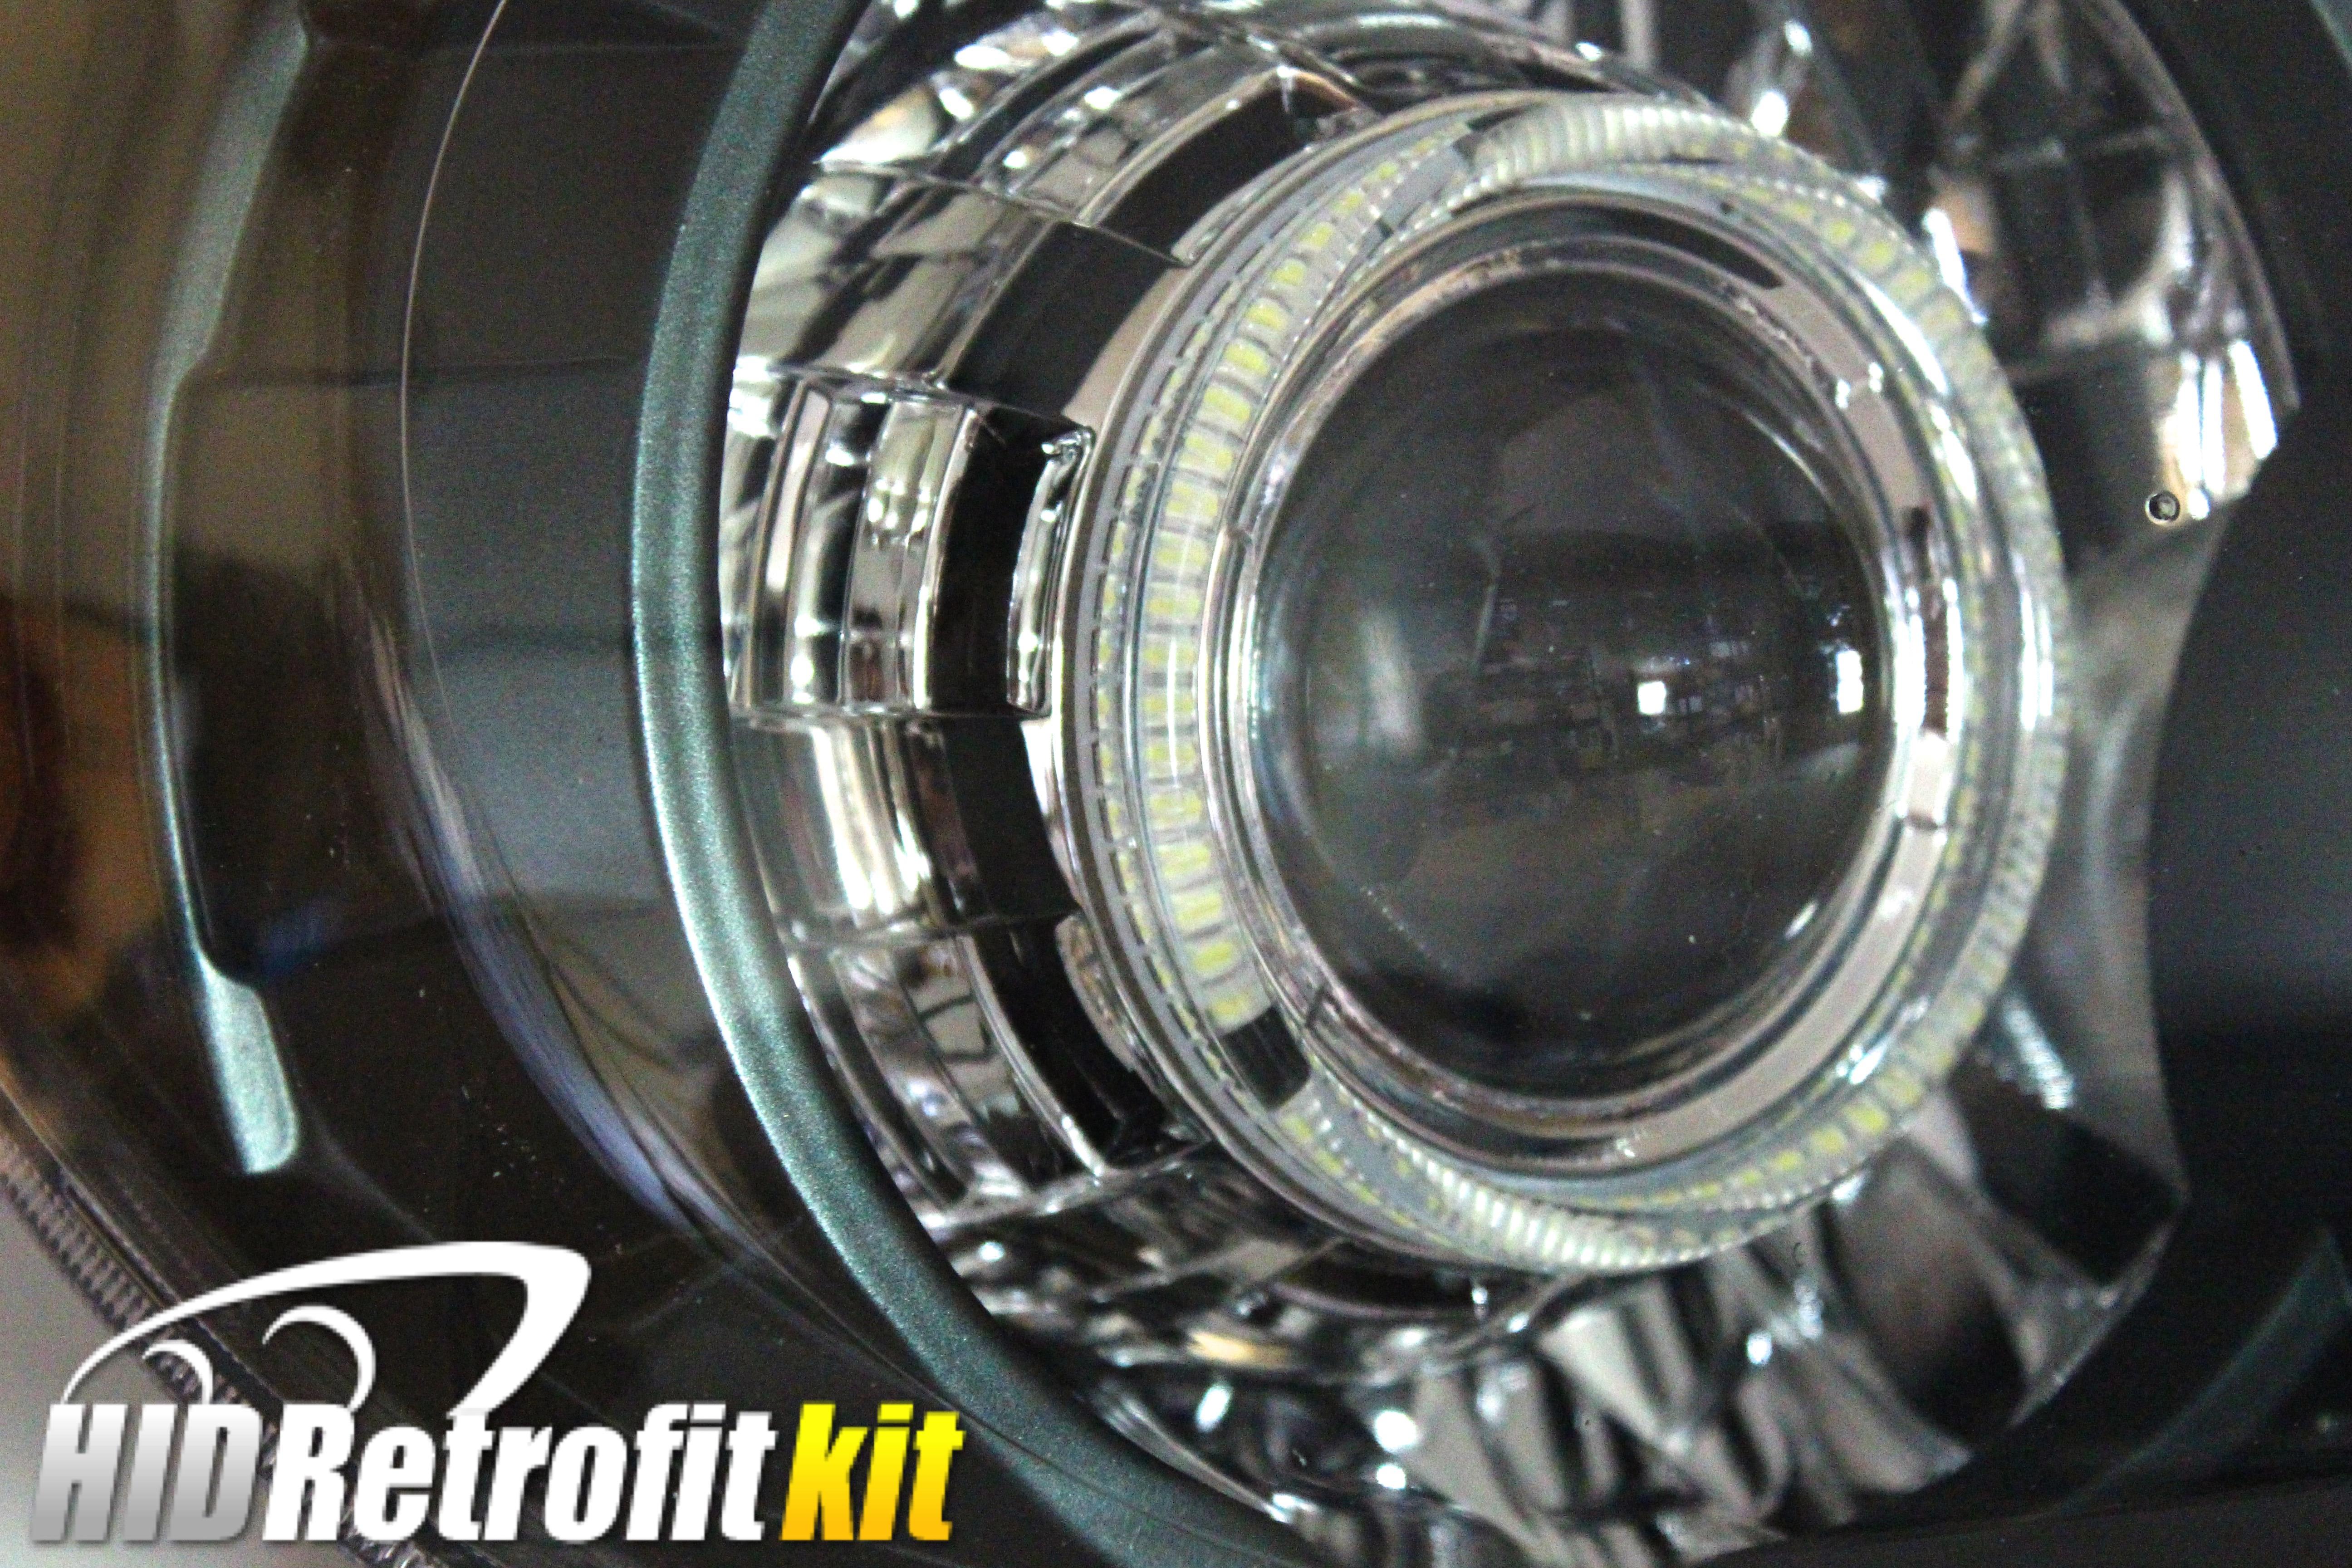 2013-2017 Toyota Tundra Custom HID Retrofit Bi-Xenon Headlights